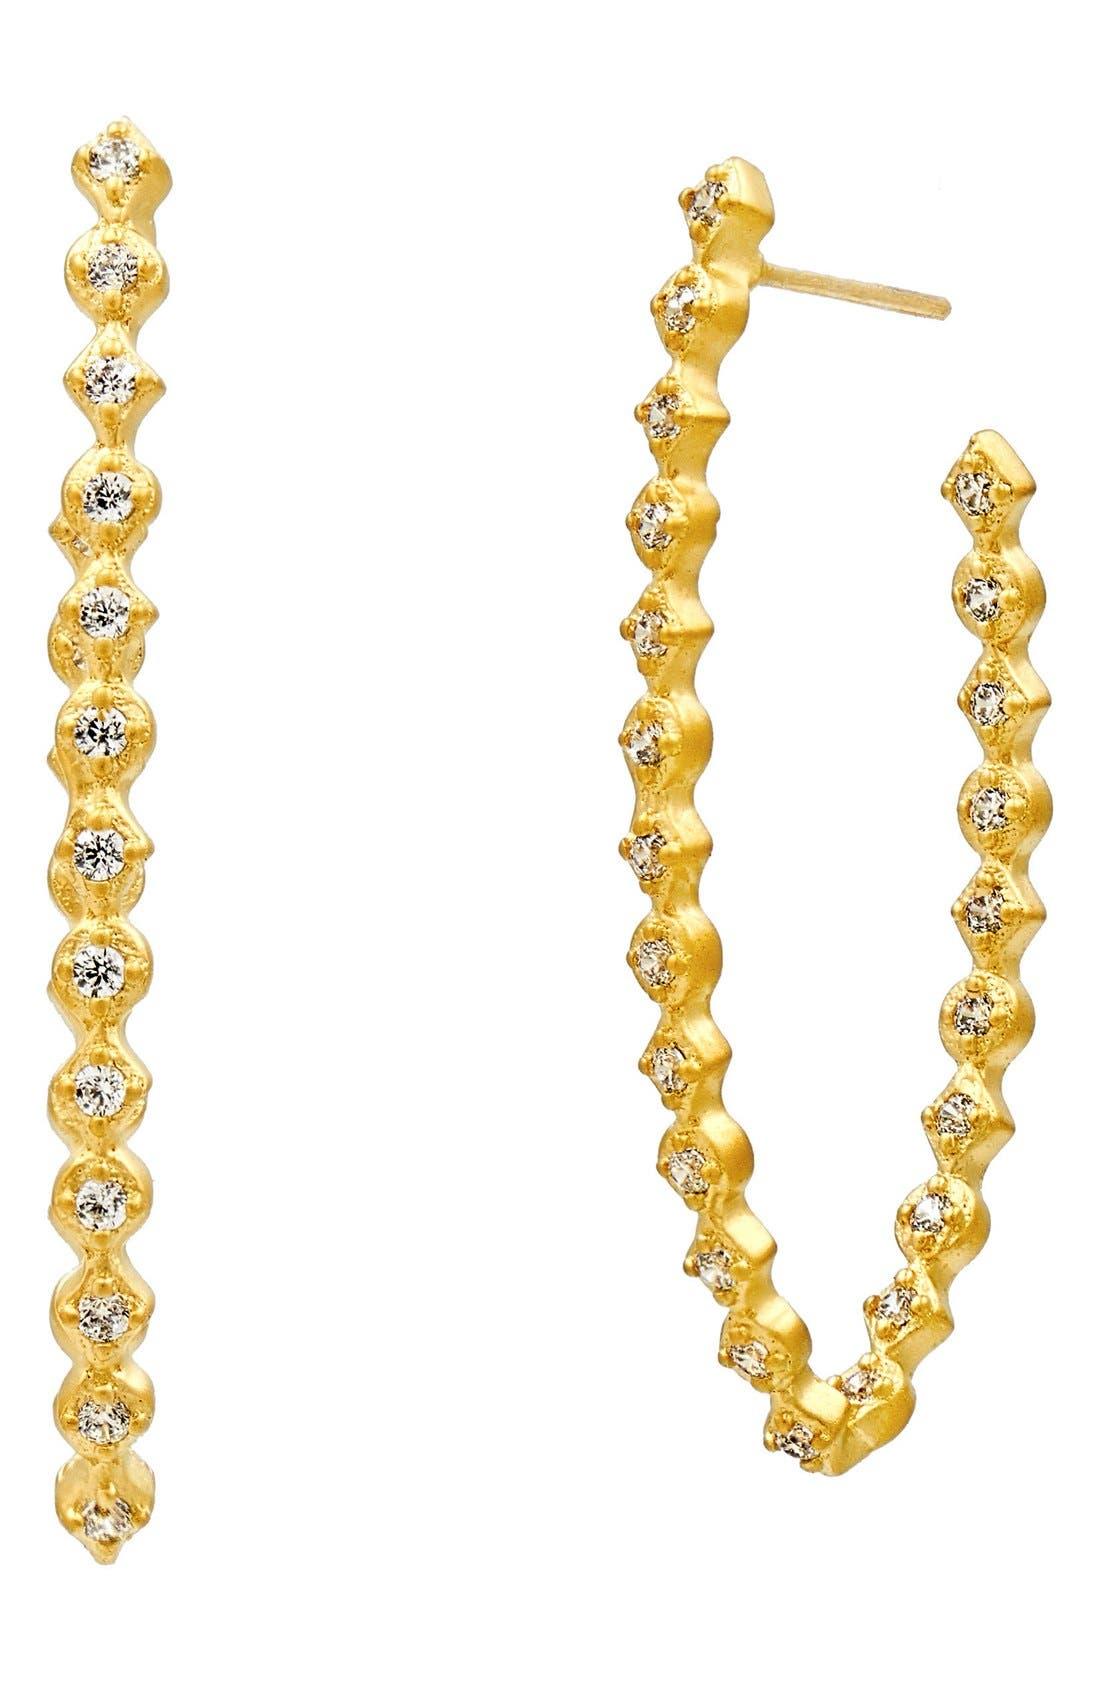 Alternate Image 3  - FREIDA ROTHMAN 'Textured Pearl' Cubic Zirconia Elongated Hoop Earrings